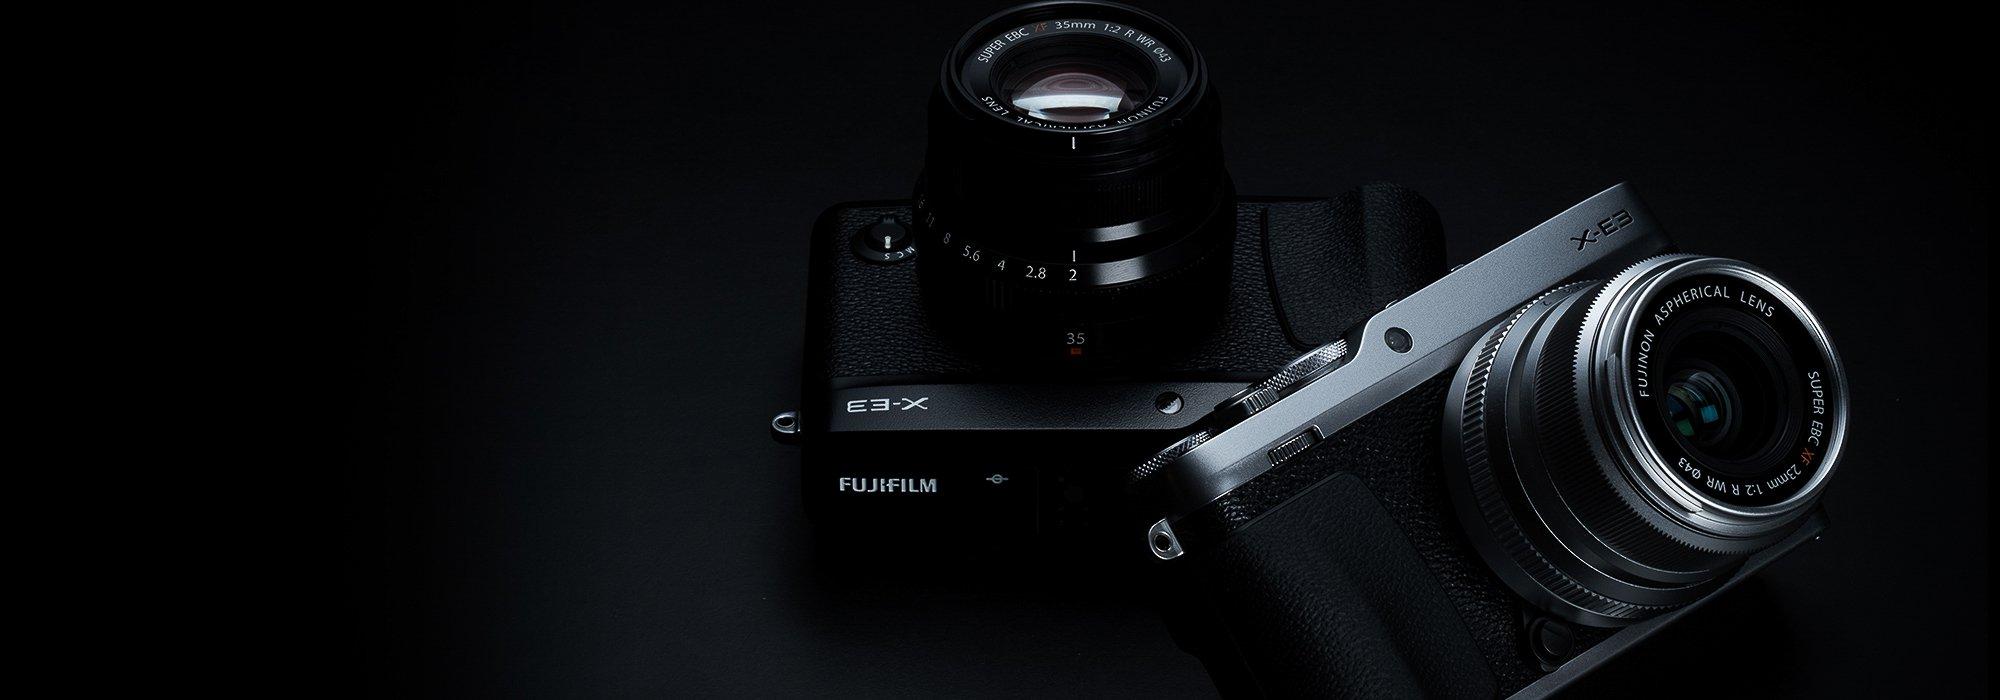 Đang tải Camera.Tinhte_Fujifilm X-E3_X-E3_2000x700ghls.jpg…